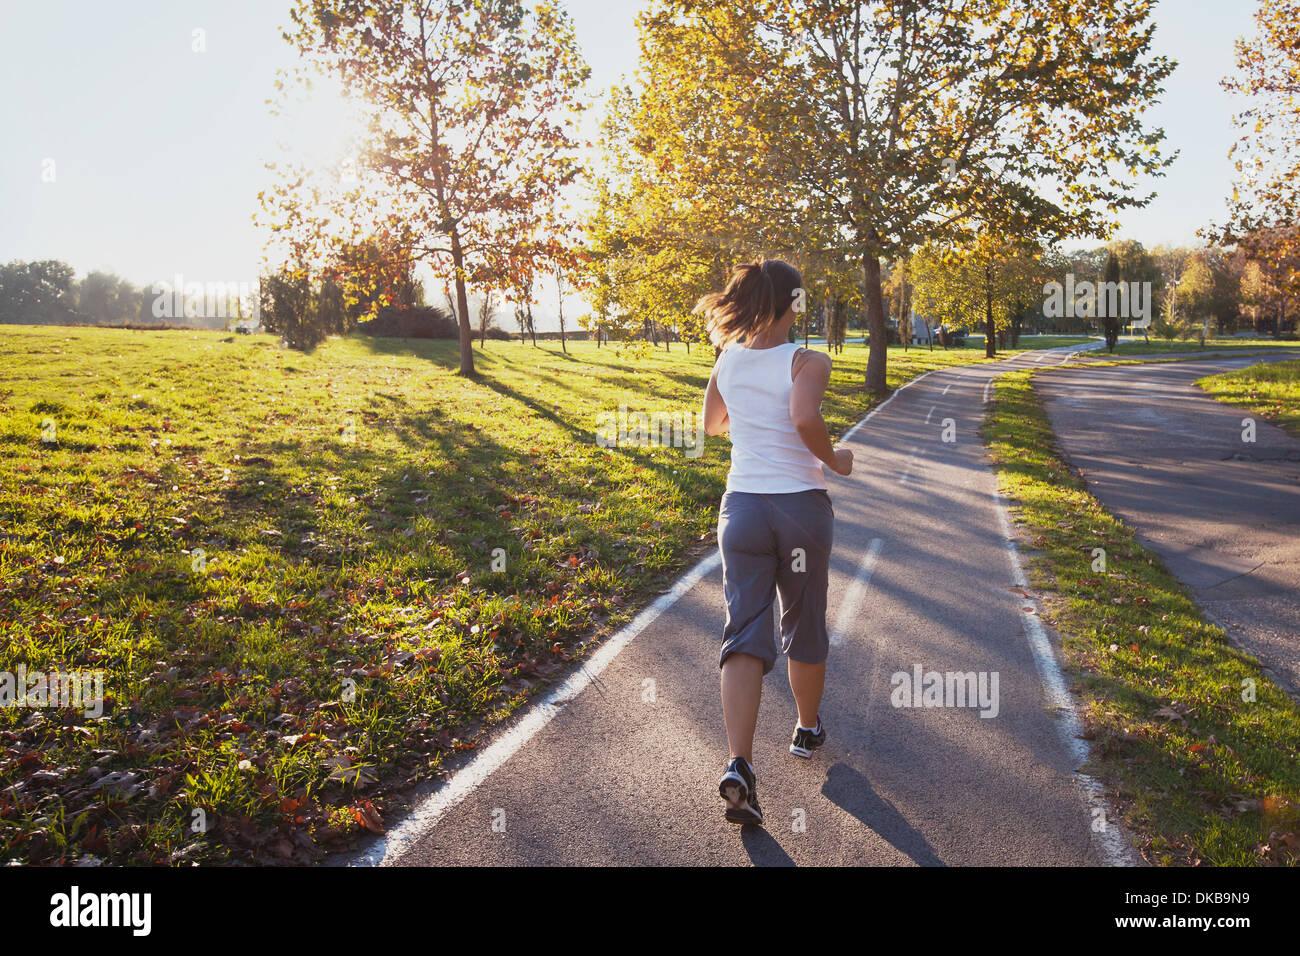 Mujer corriendo en el parque, gimnasio antecedentes Imagen De Stock